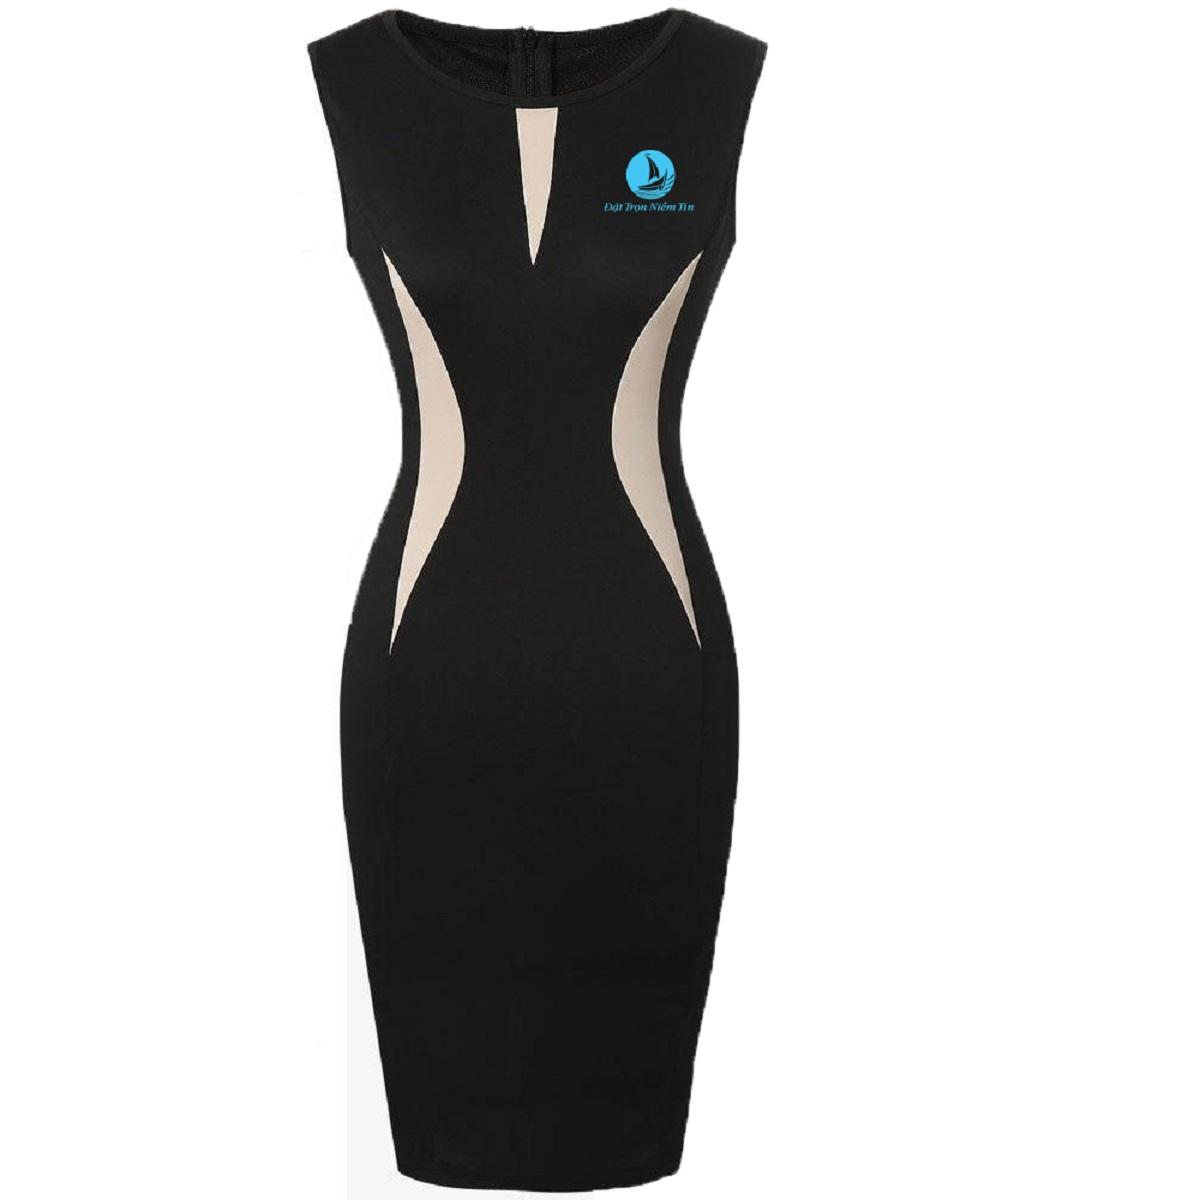 Chiếc váy được thiết kế nổi bật nhất tại phần eo vừa tôn dáng vừa che được khuyết điểm